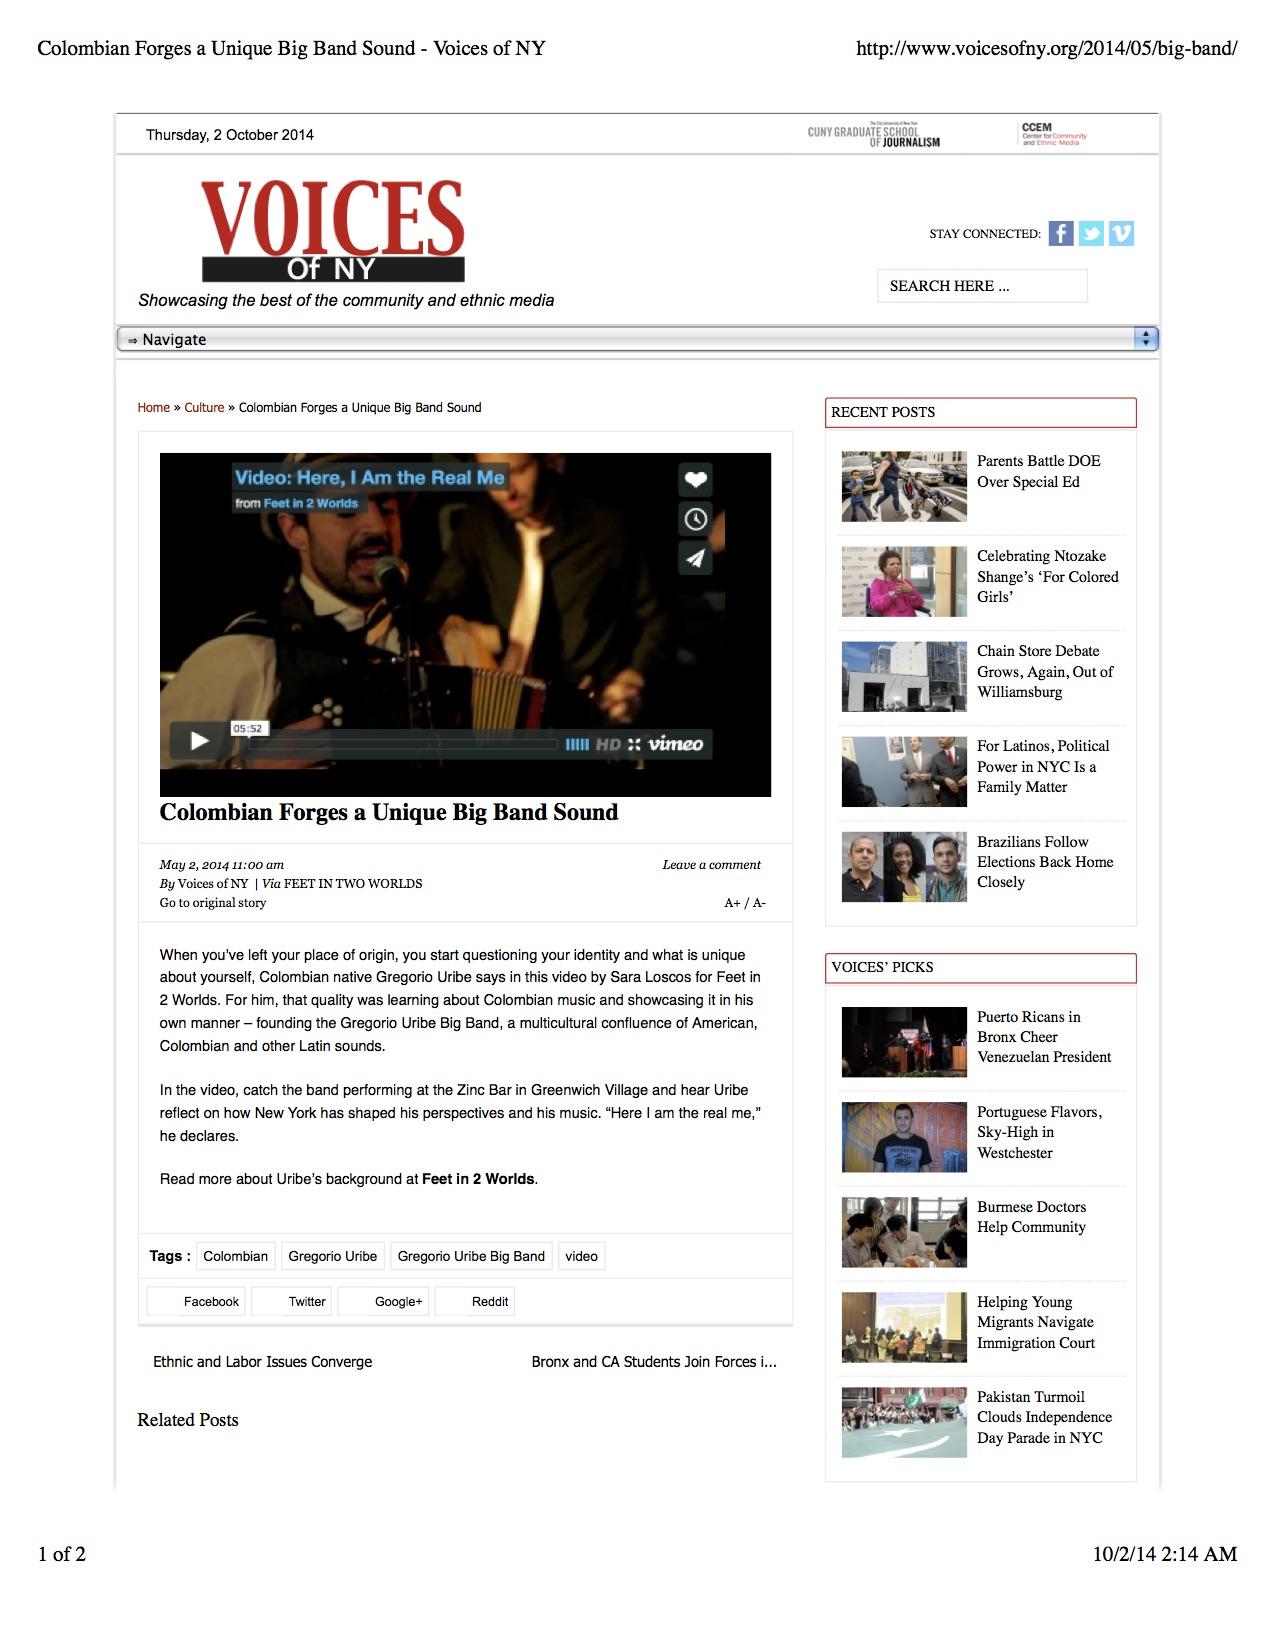 Voice of NY